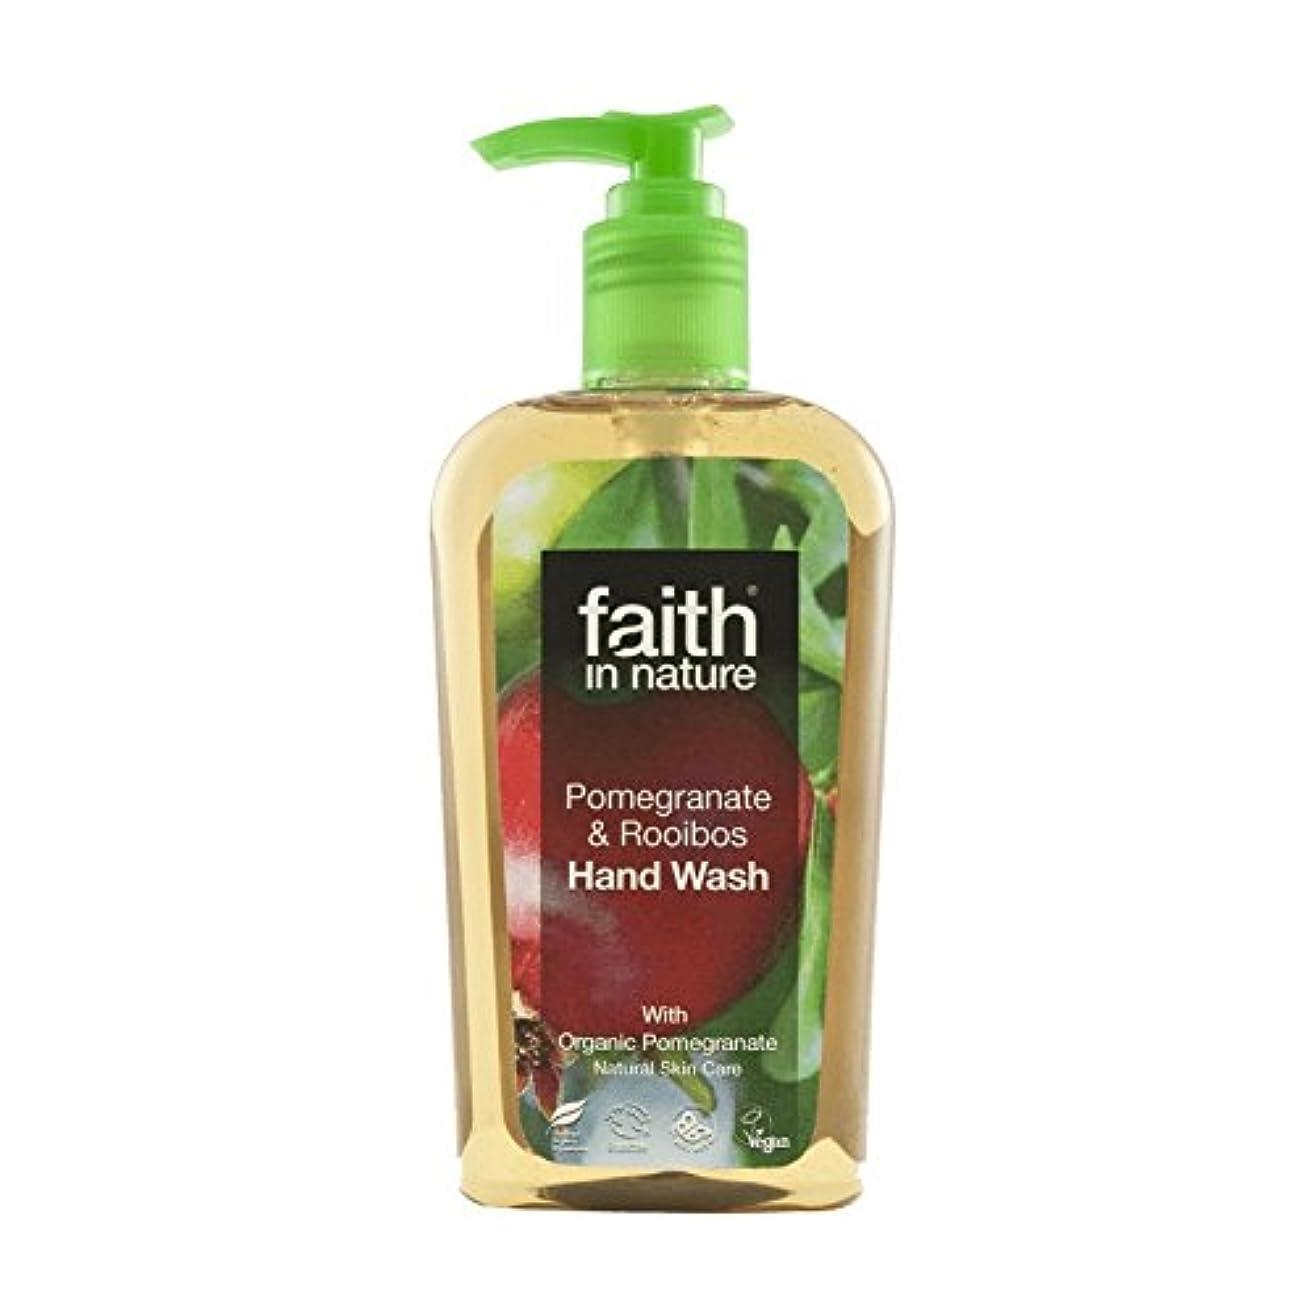 課税受け入れた継続中Faith In Nature Pomegranate & Rooibos Handwash 300ml (Pack of 2) - 自然ザクロ&ルイボス手洗いの300ミリリットルの信仰 (x2) [並行輸入品]